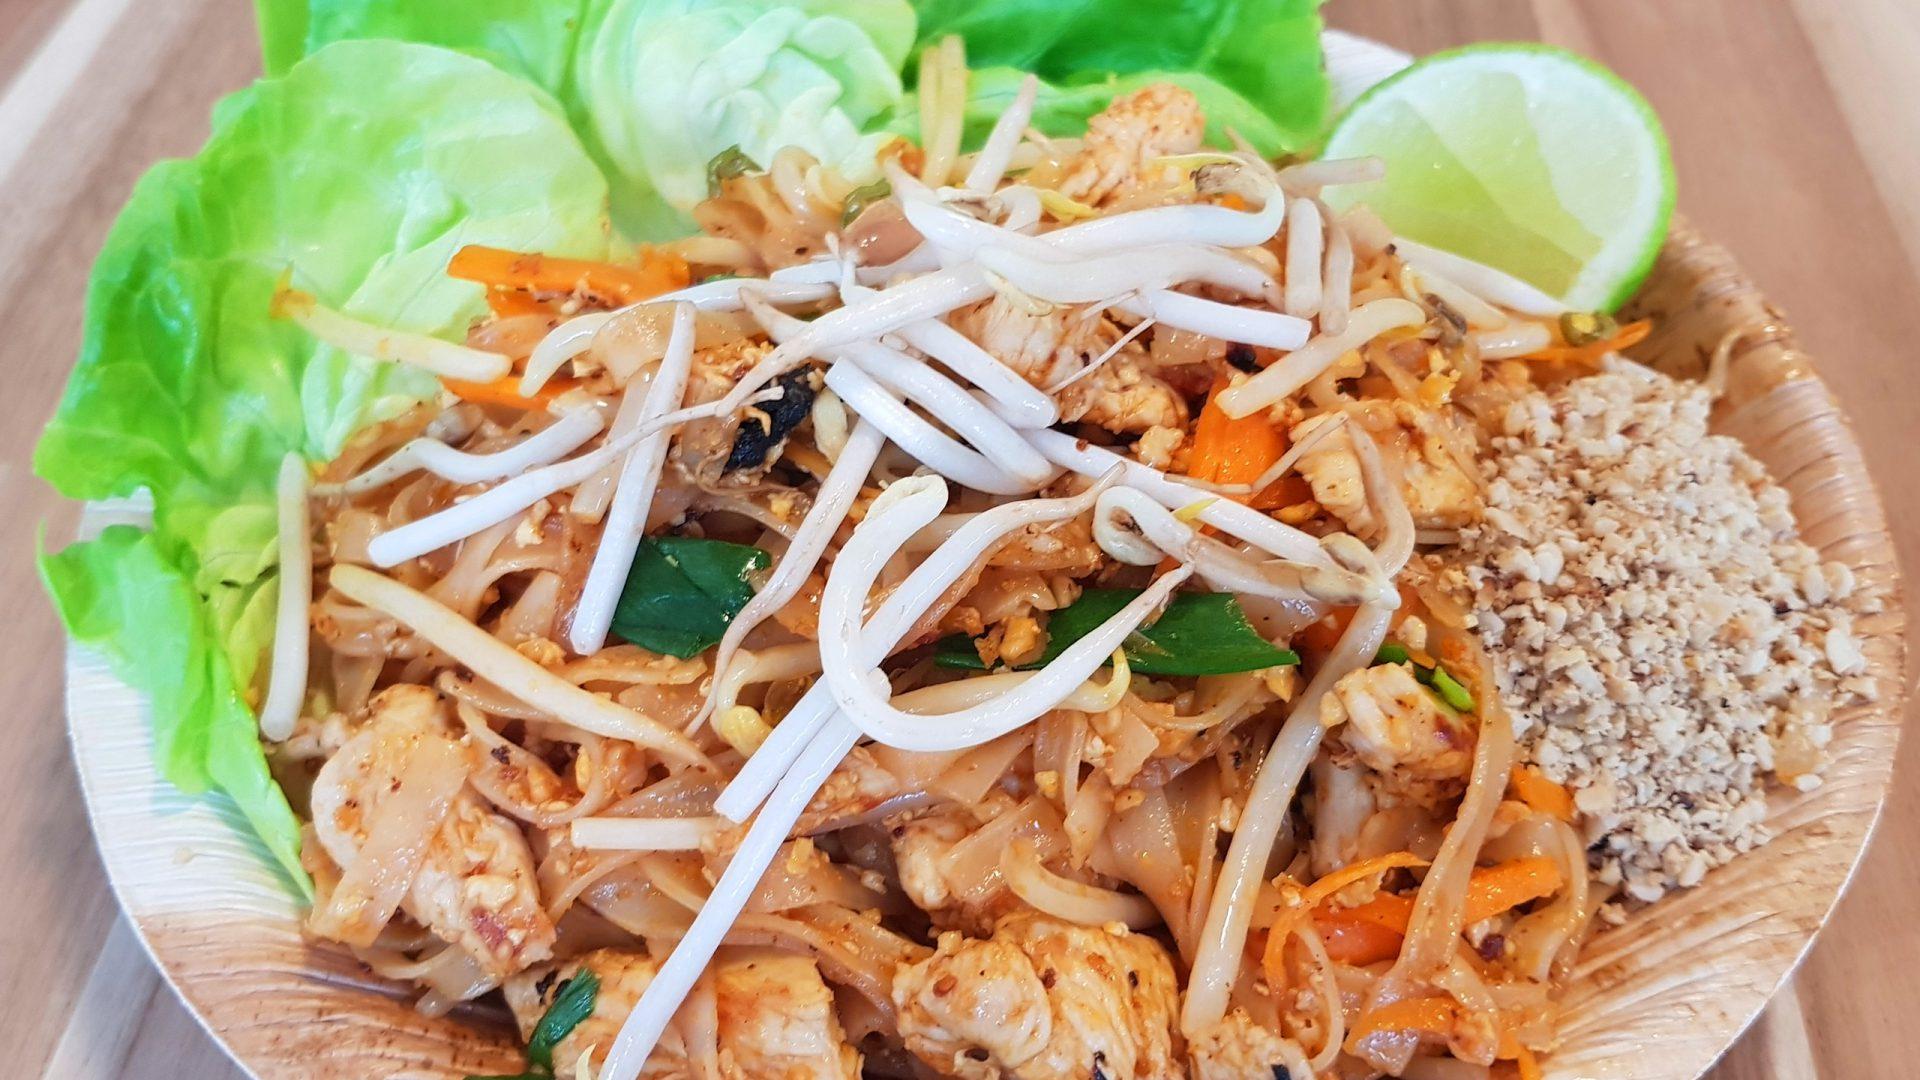 PAD THAI KAI  ( 11 EURO)